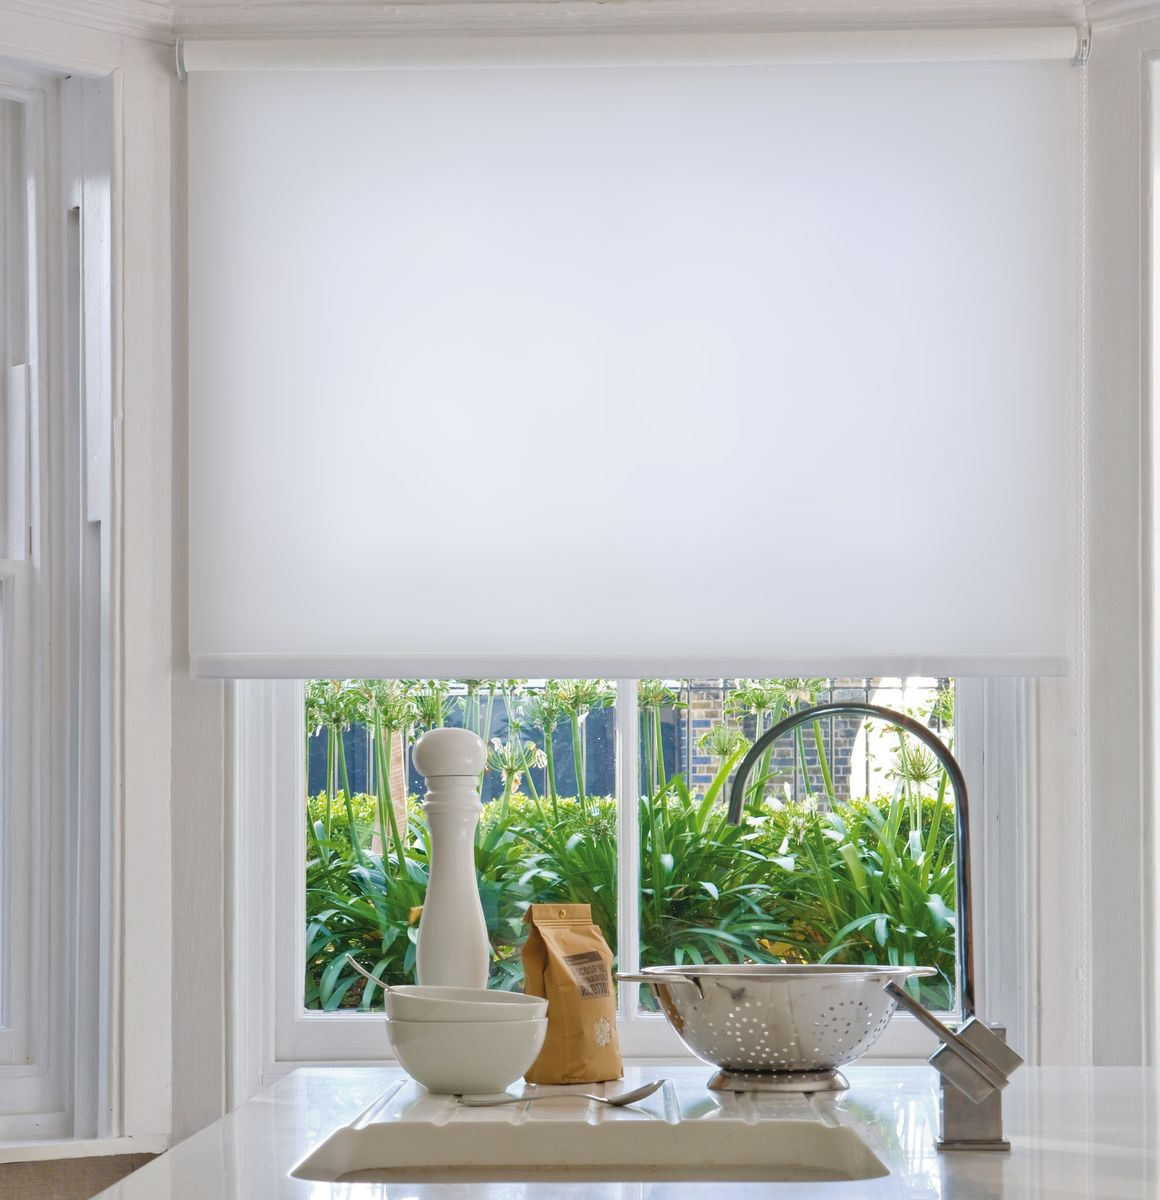 Штора рулонная Эскар Миниролло, цвет: белый, ширина 115 см, высота 170 см31008115170Рулонная штора Эскар Миниролло выполнена из высокопрочной ткани, которая сохраняет свой размер даже при намокании. Ткань не выцветает и обладает отличной цветоустойчивостью.Миниролло - это подвид рулонных штор, который закрывает не весь оконный проем, а непосредственно само стекло. Такие шторы крепятся на раму без сверления при помощи зажимов или клейкой двухсторонней ленты (в комплекте). Окно остается на гарантии, благодаря монтажу без сверления. Такая штора станет прекрасным элементом декора окна и гармонично впишется в интерьер любого помещения.